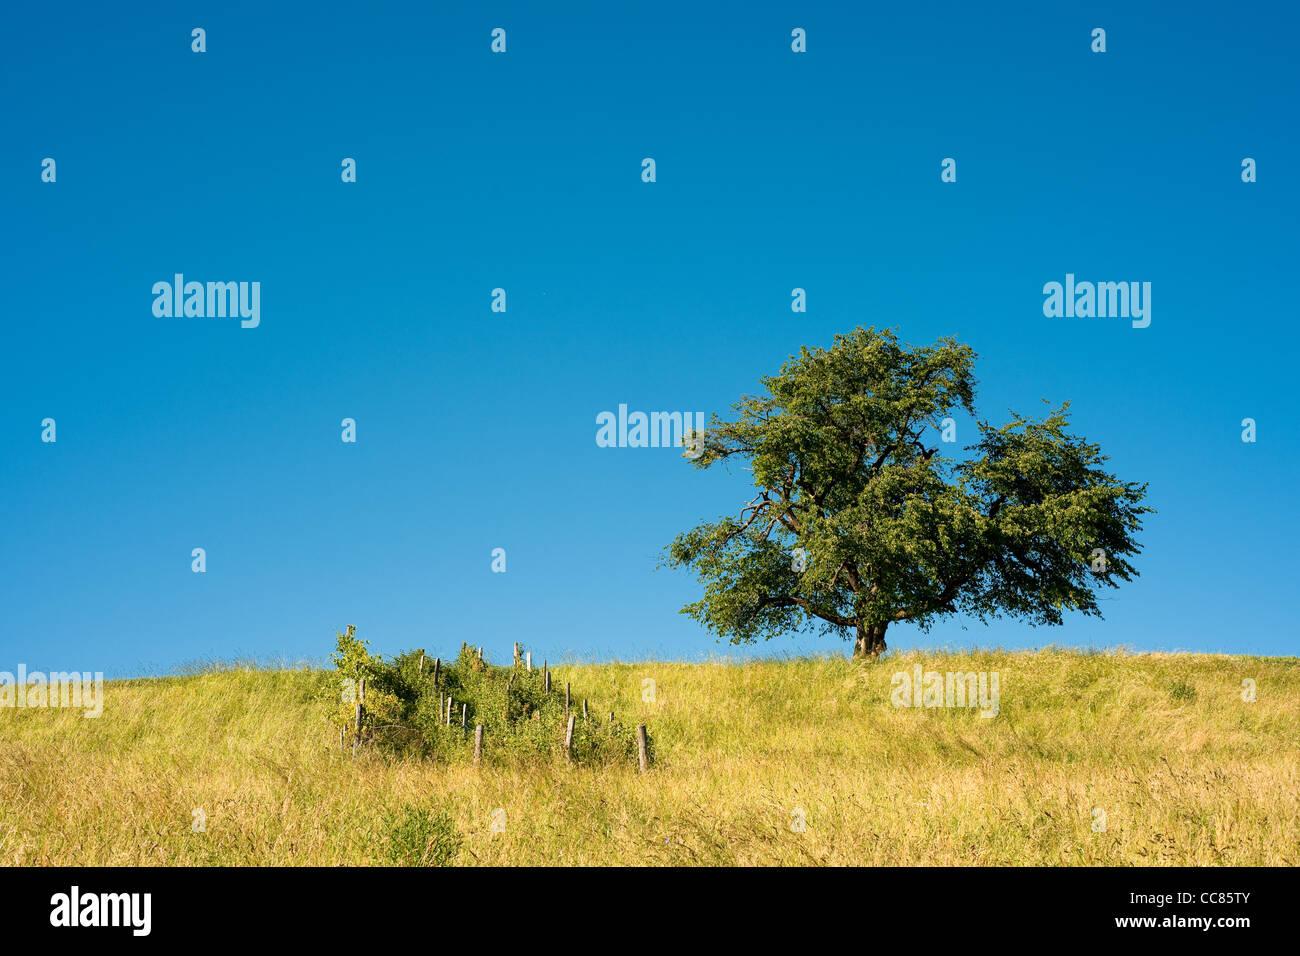 einzelner Baum auf den ländlichen Bereich mit blauem Himmel Stockbild